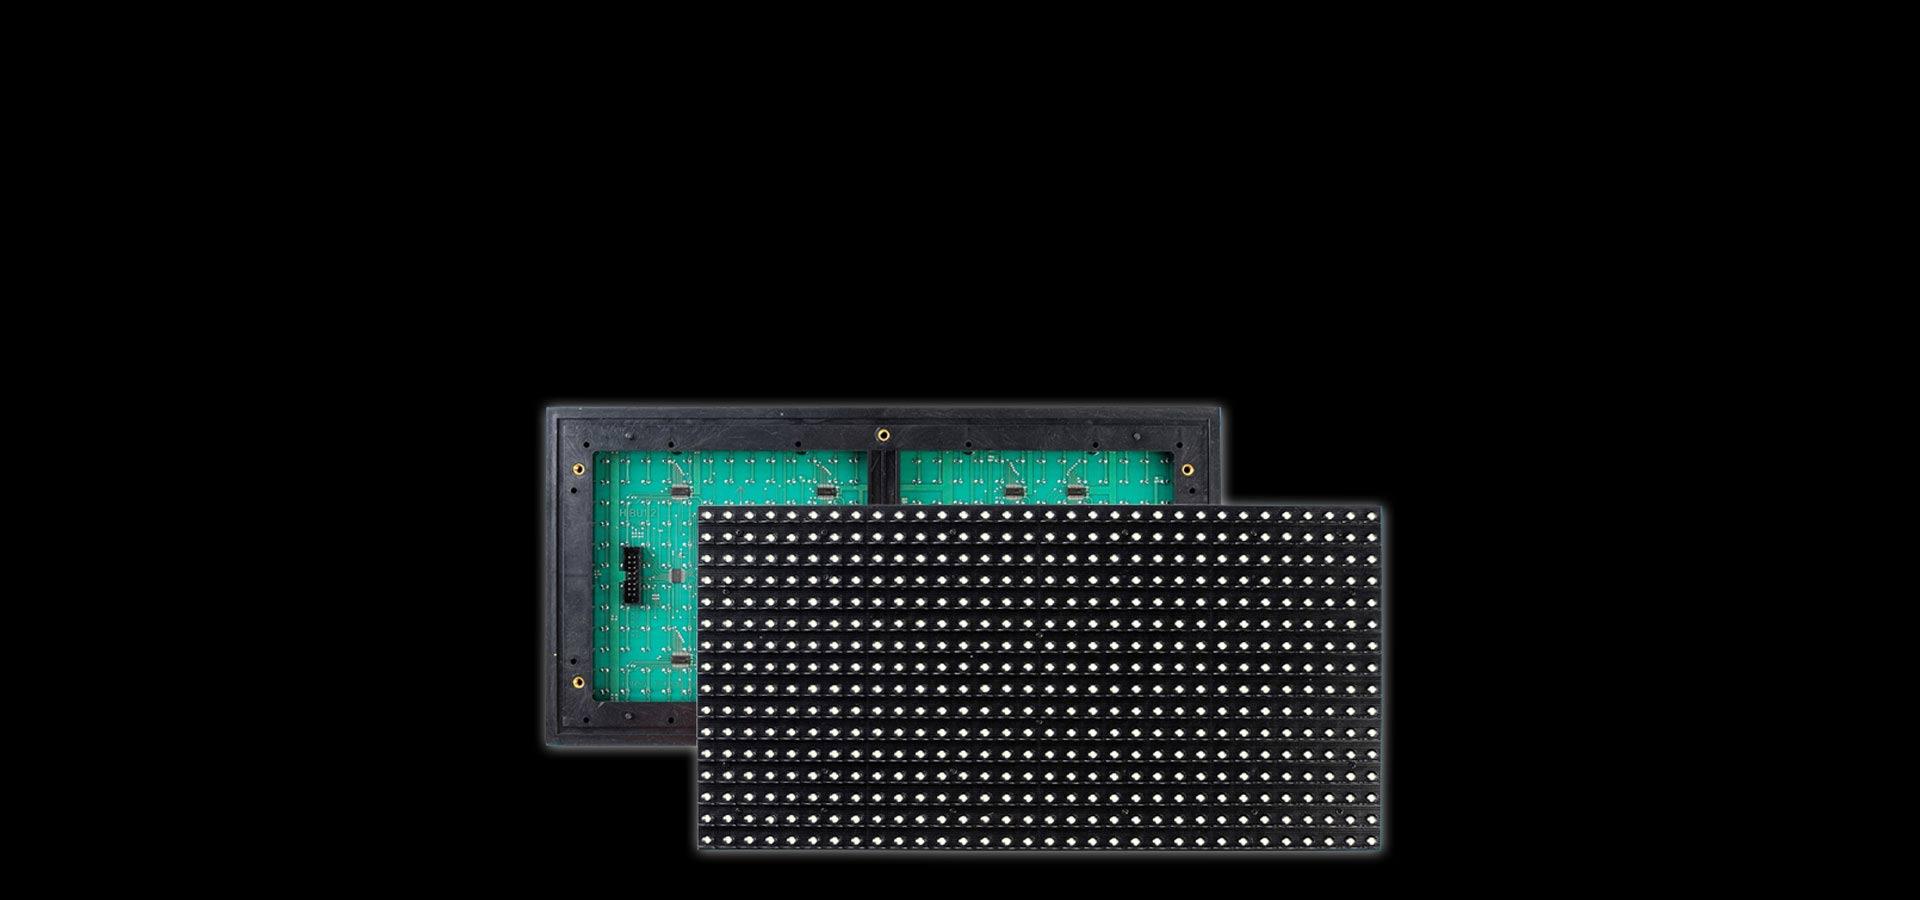 室内P10LED全彩显示屏参数的设置及调试教程是怎么的?